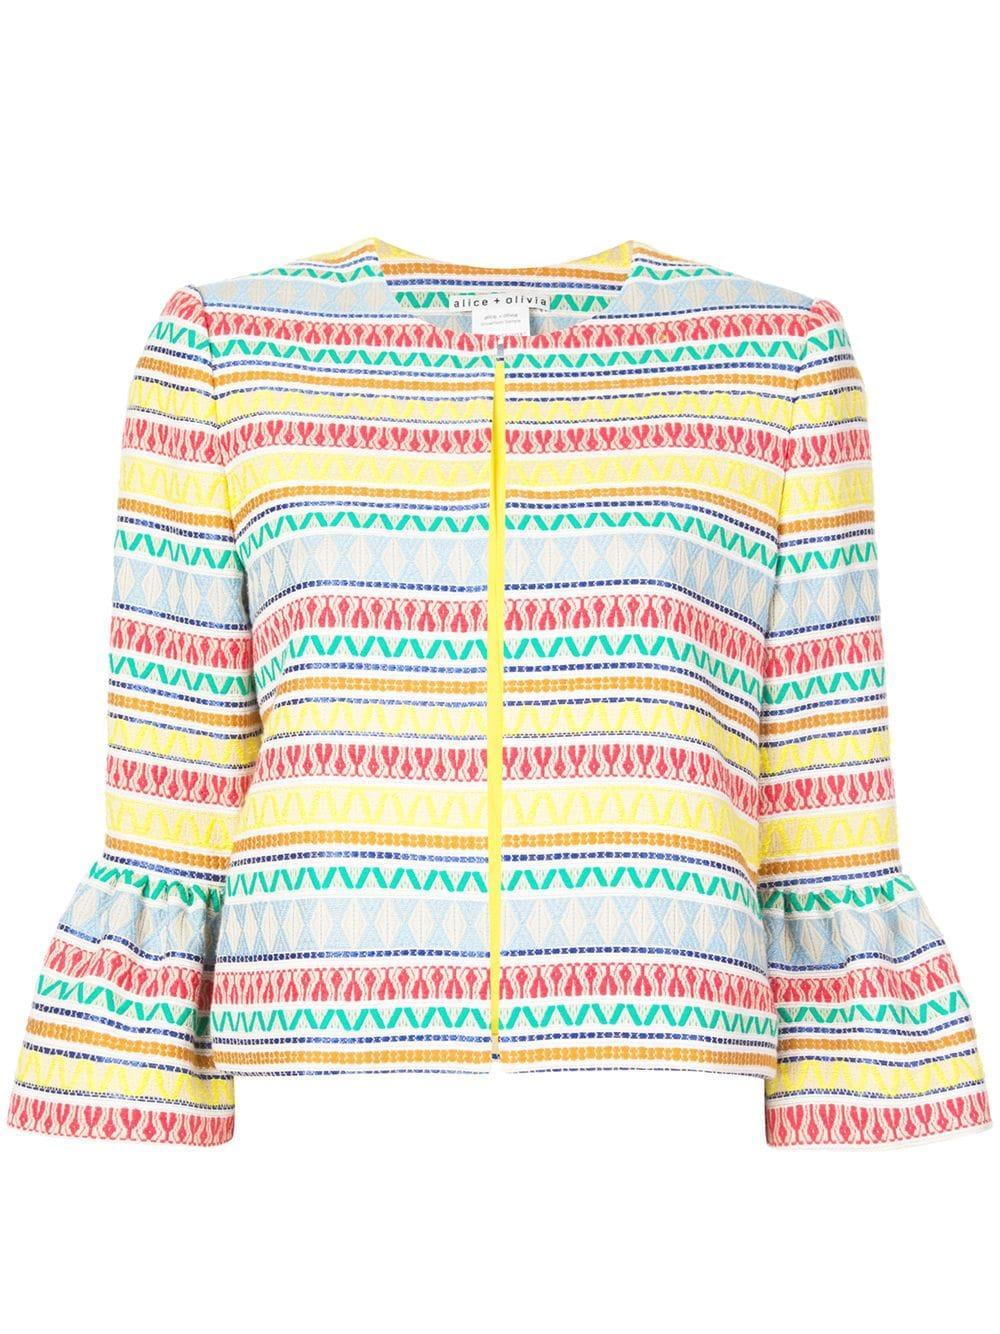 Kidman Ruffle Sleeve Jacket Item # CC905Q28207